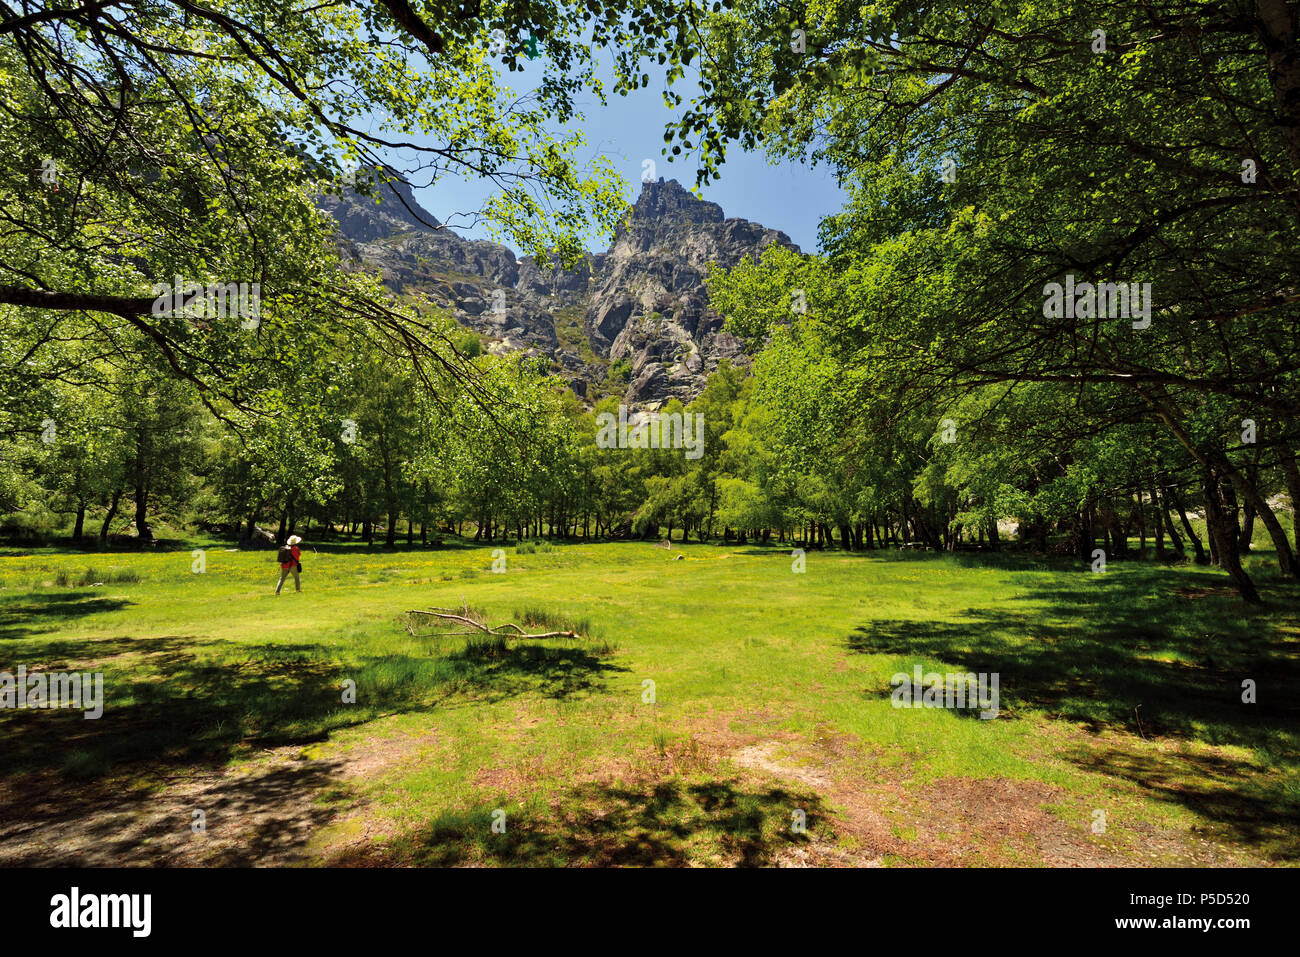 Femme marche dans un champ ouvert entouré par des pics de montagne et arbres Photo Stock